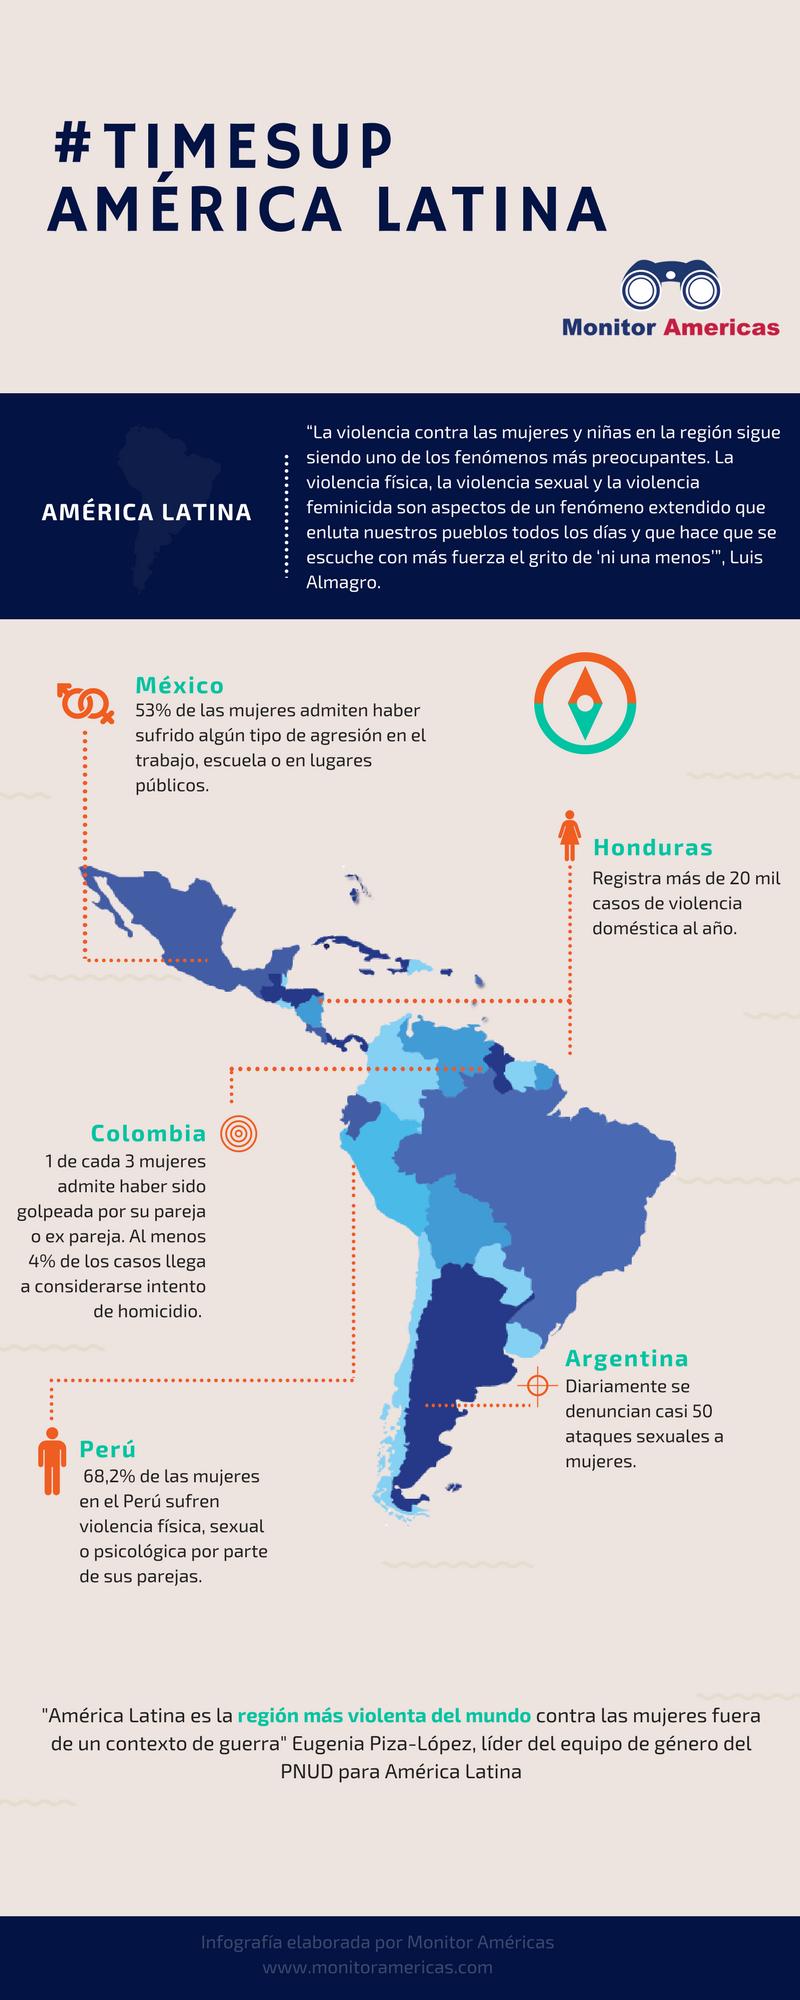 #TimesUp América Latina